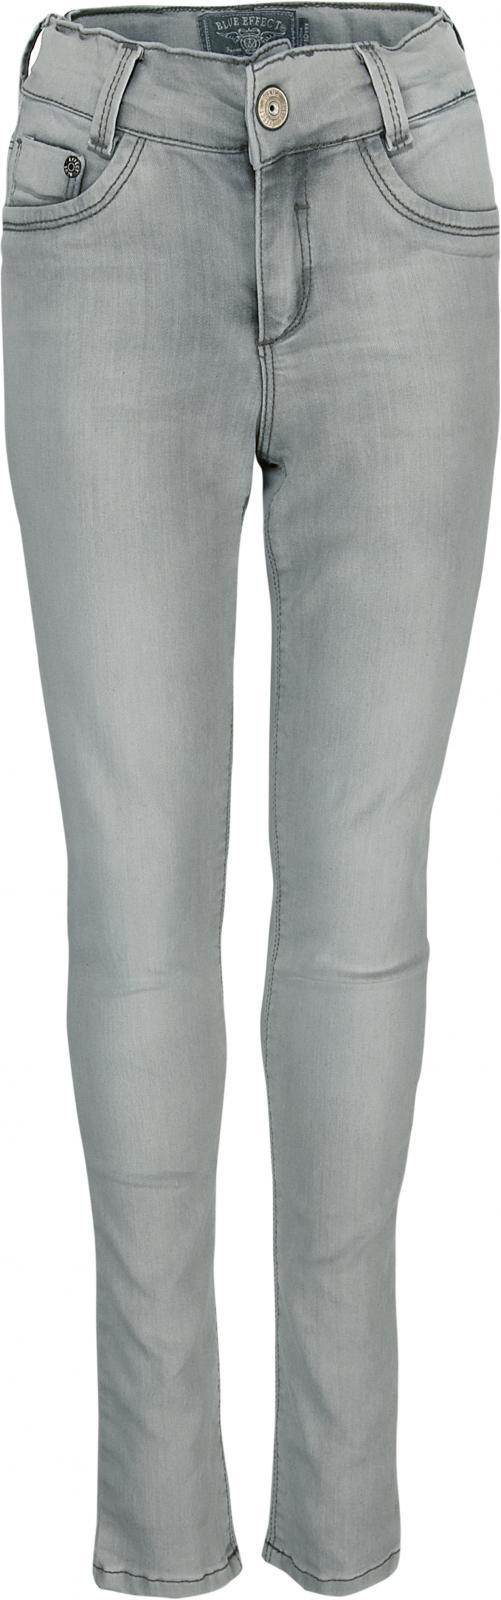 Dívčí džíny-šedé-Blue effect